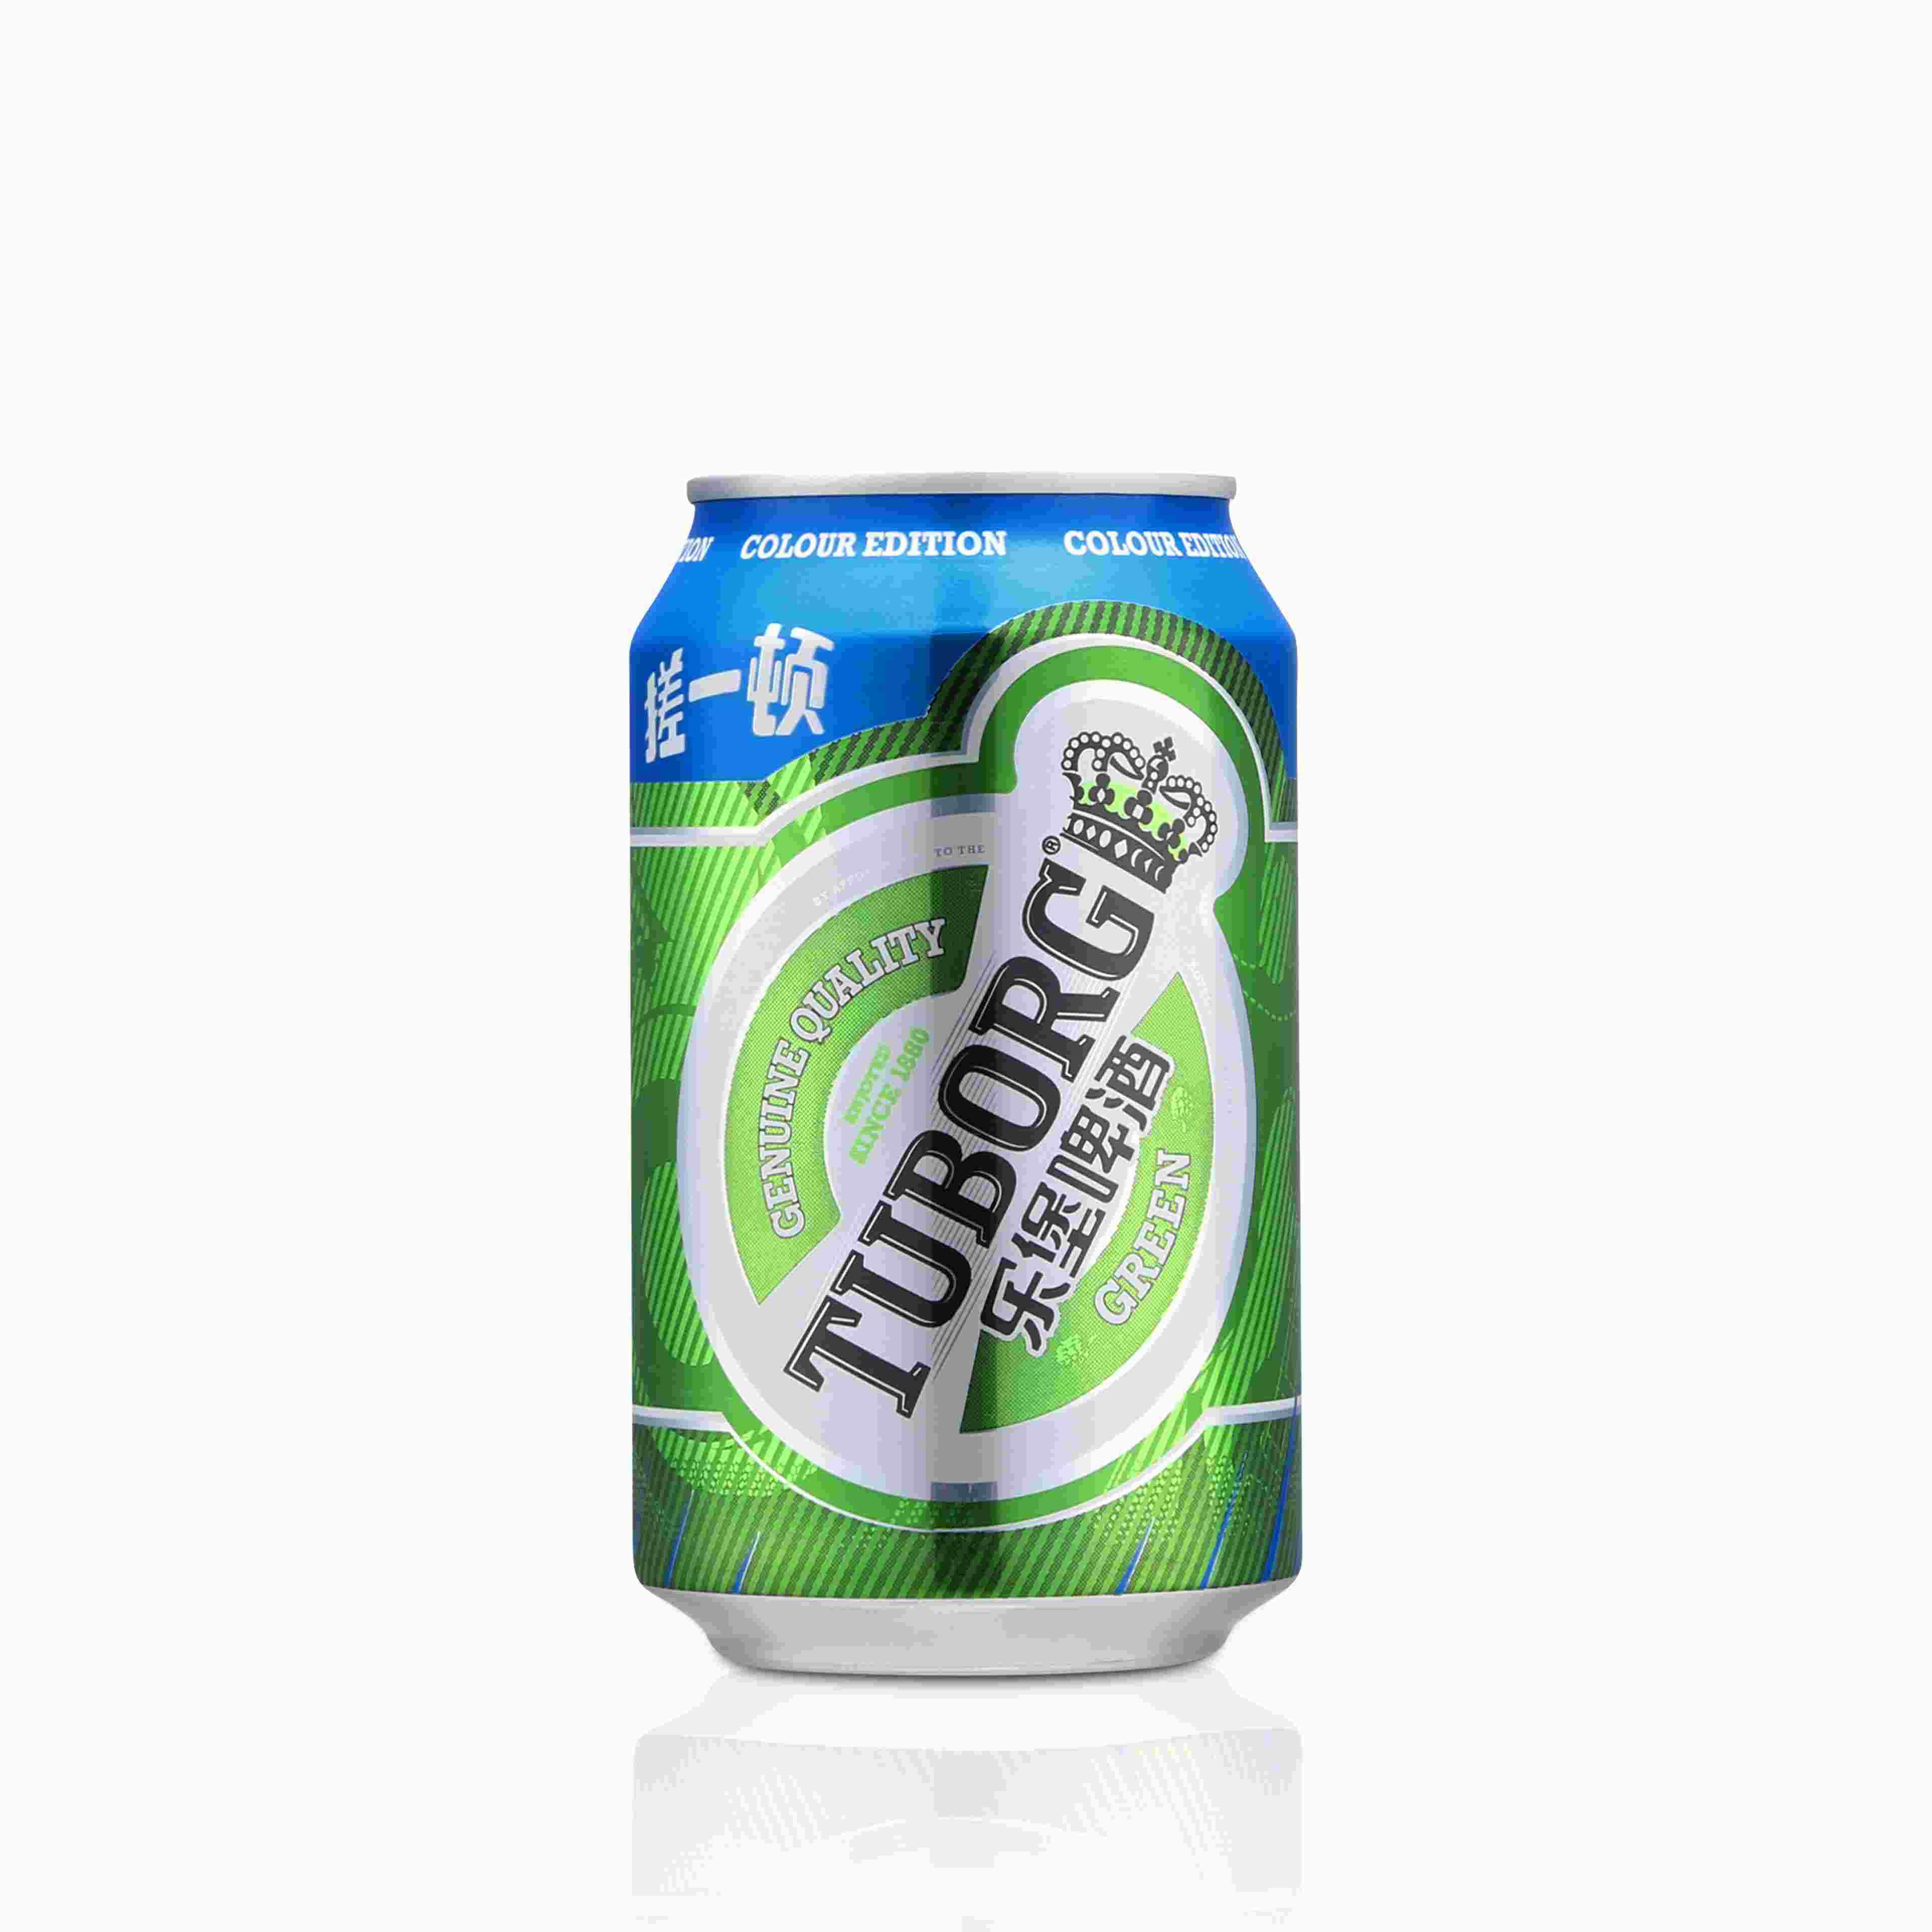 加盟乐堡啤酒如何?发展前景怎么样?